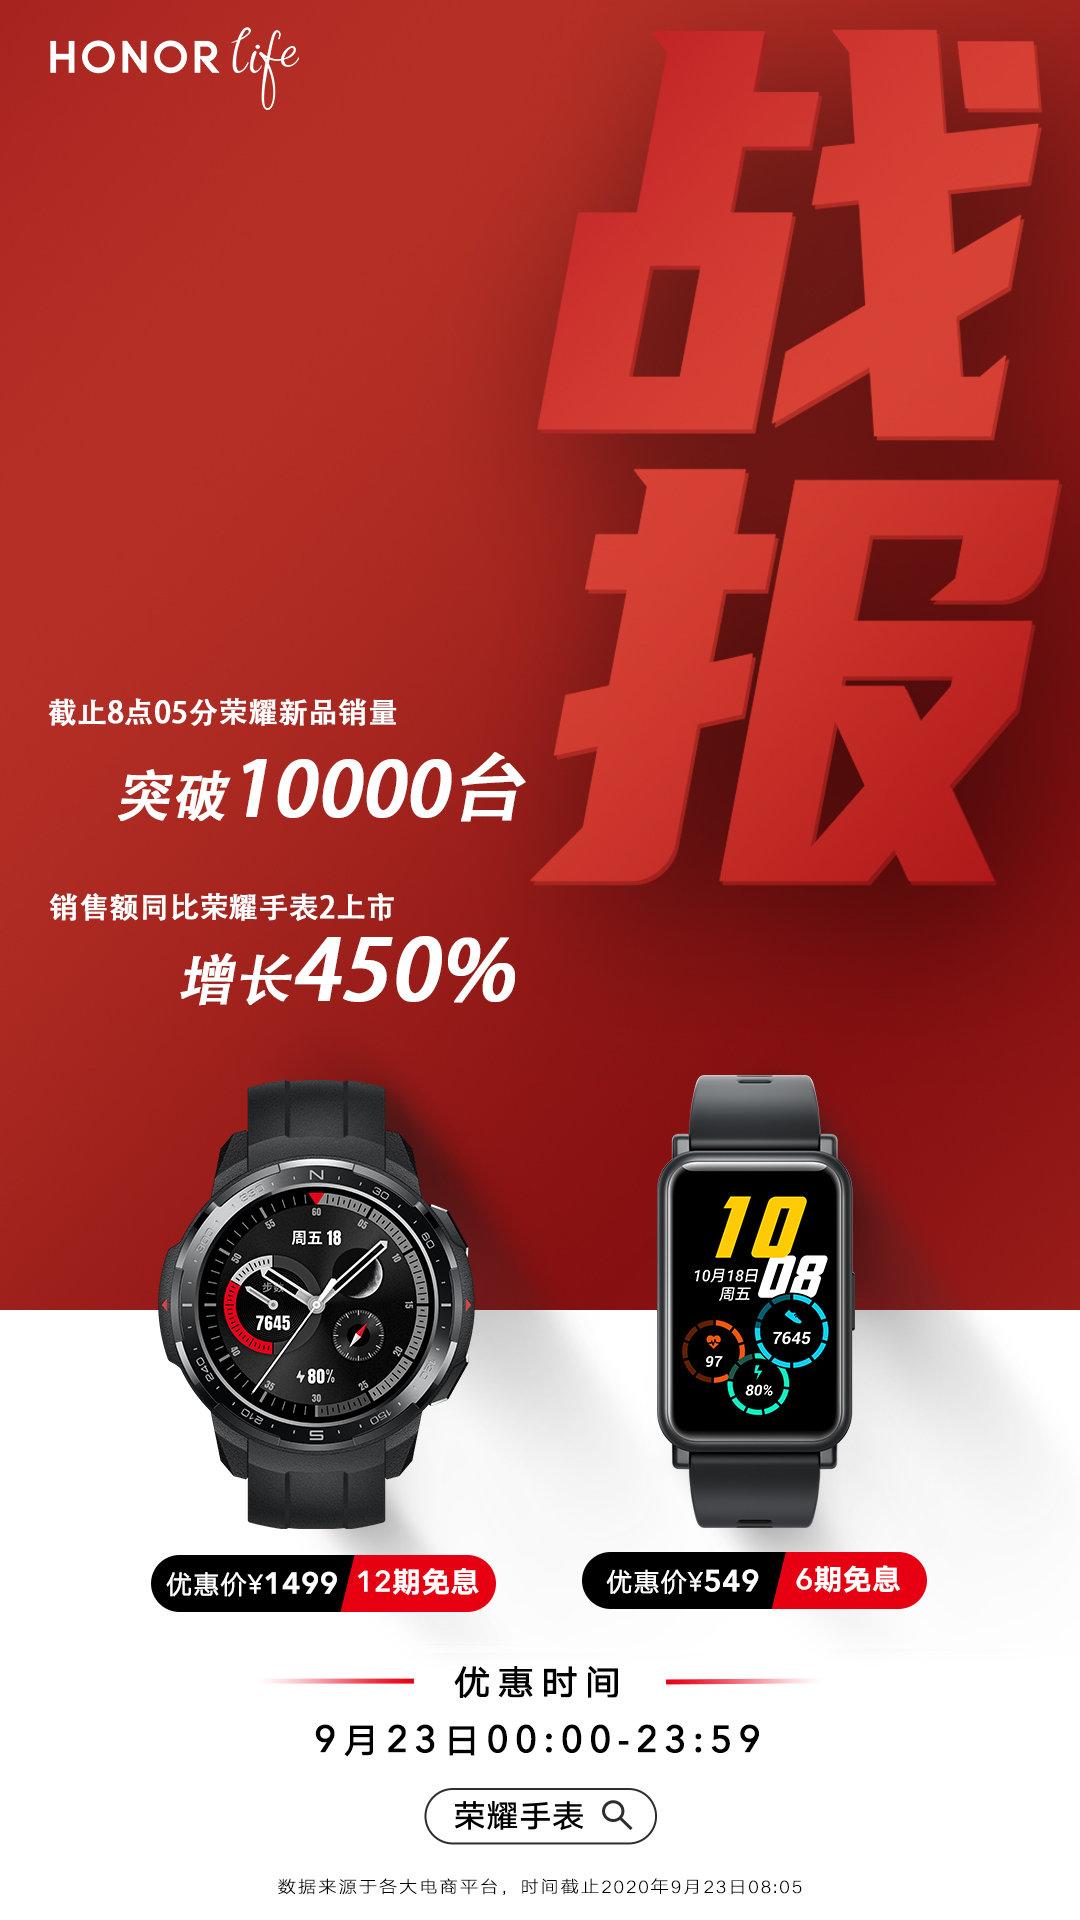 荣耀手表 GS Pro 首销告捷,1499 元起 探索与腕上潮流 - 热点资讯 家电百科 第1张